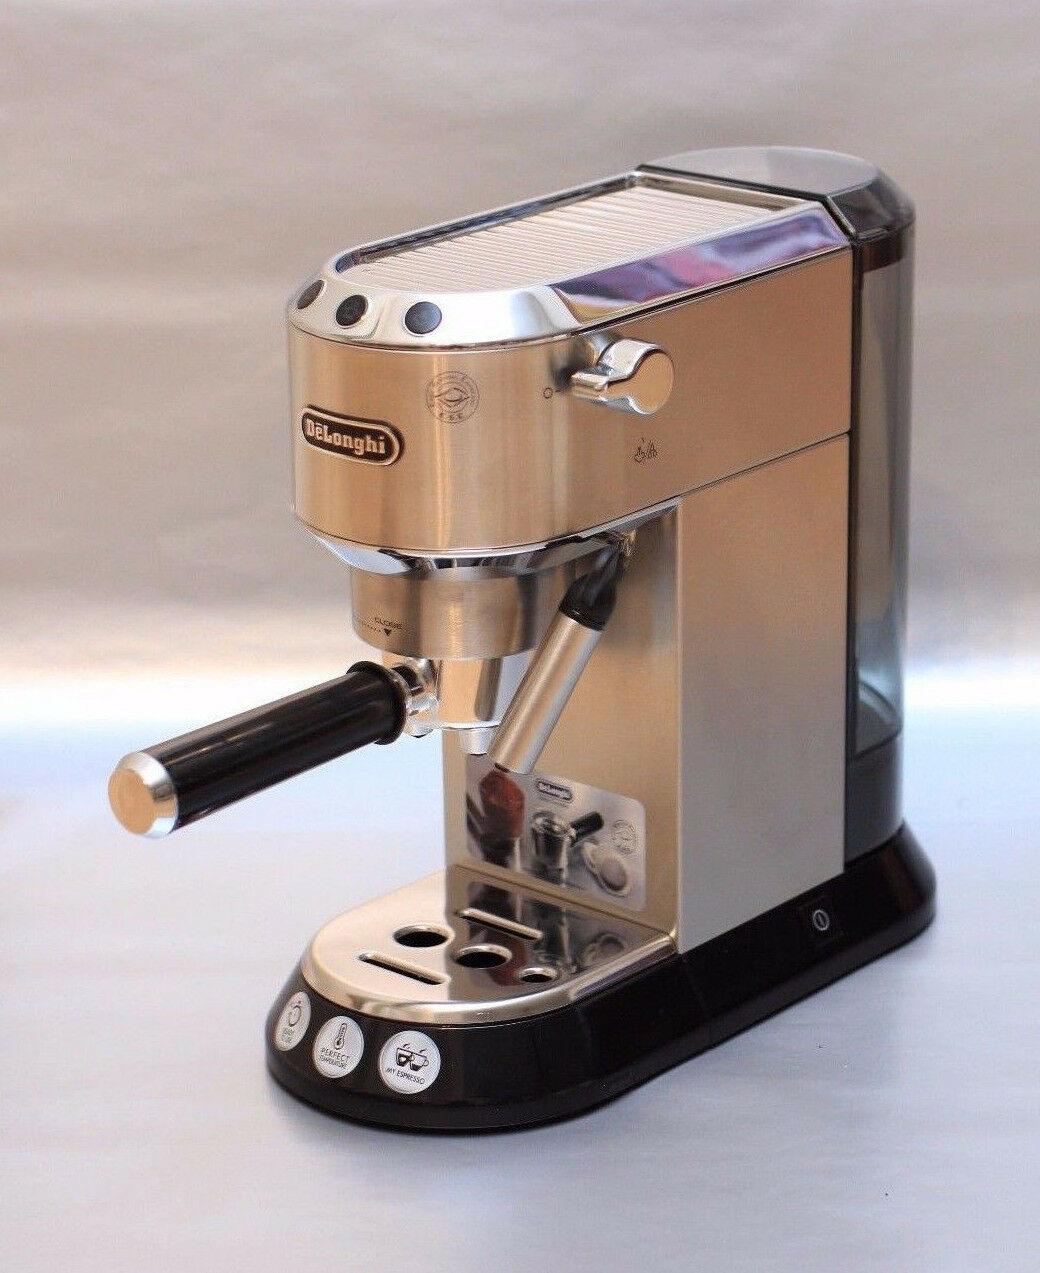 рожковая кофемашина DeLonghi EC.680.M